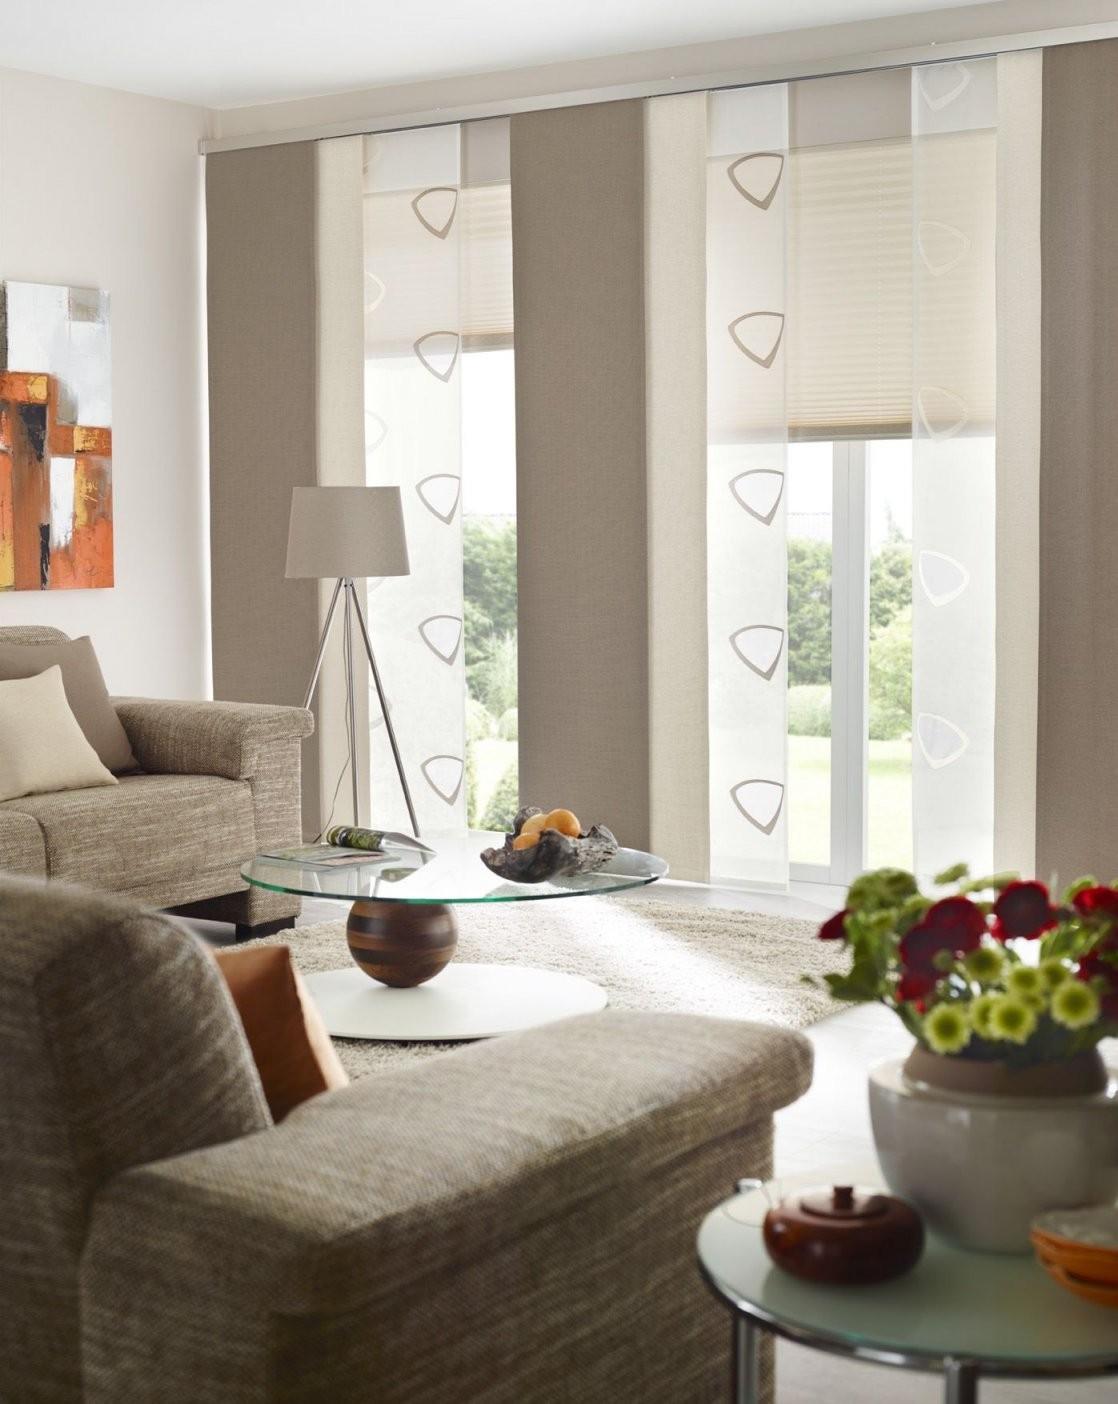 Fenster Urbansteel Gardinen Dekostoffe Vorhang Wohnstoffe von Gardinen Ideen Wohnzimmer Modern Photo